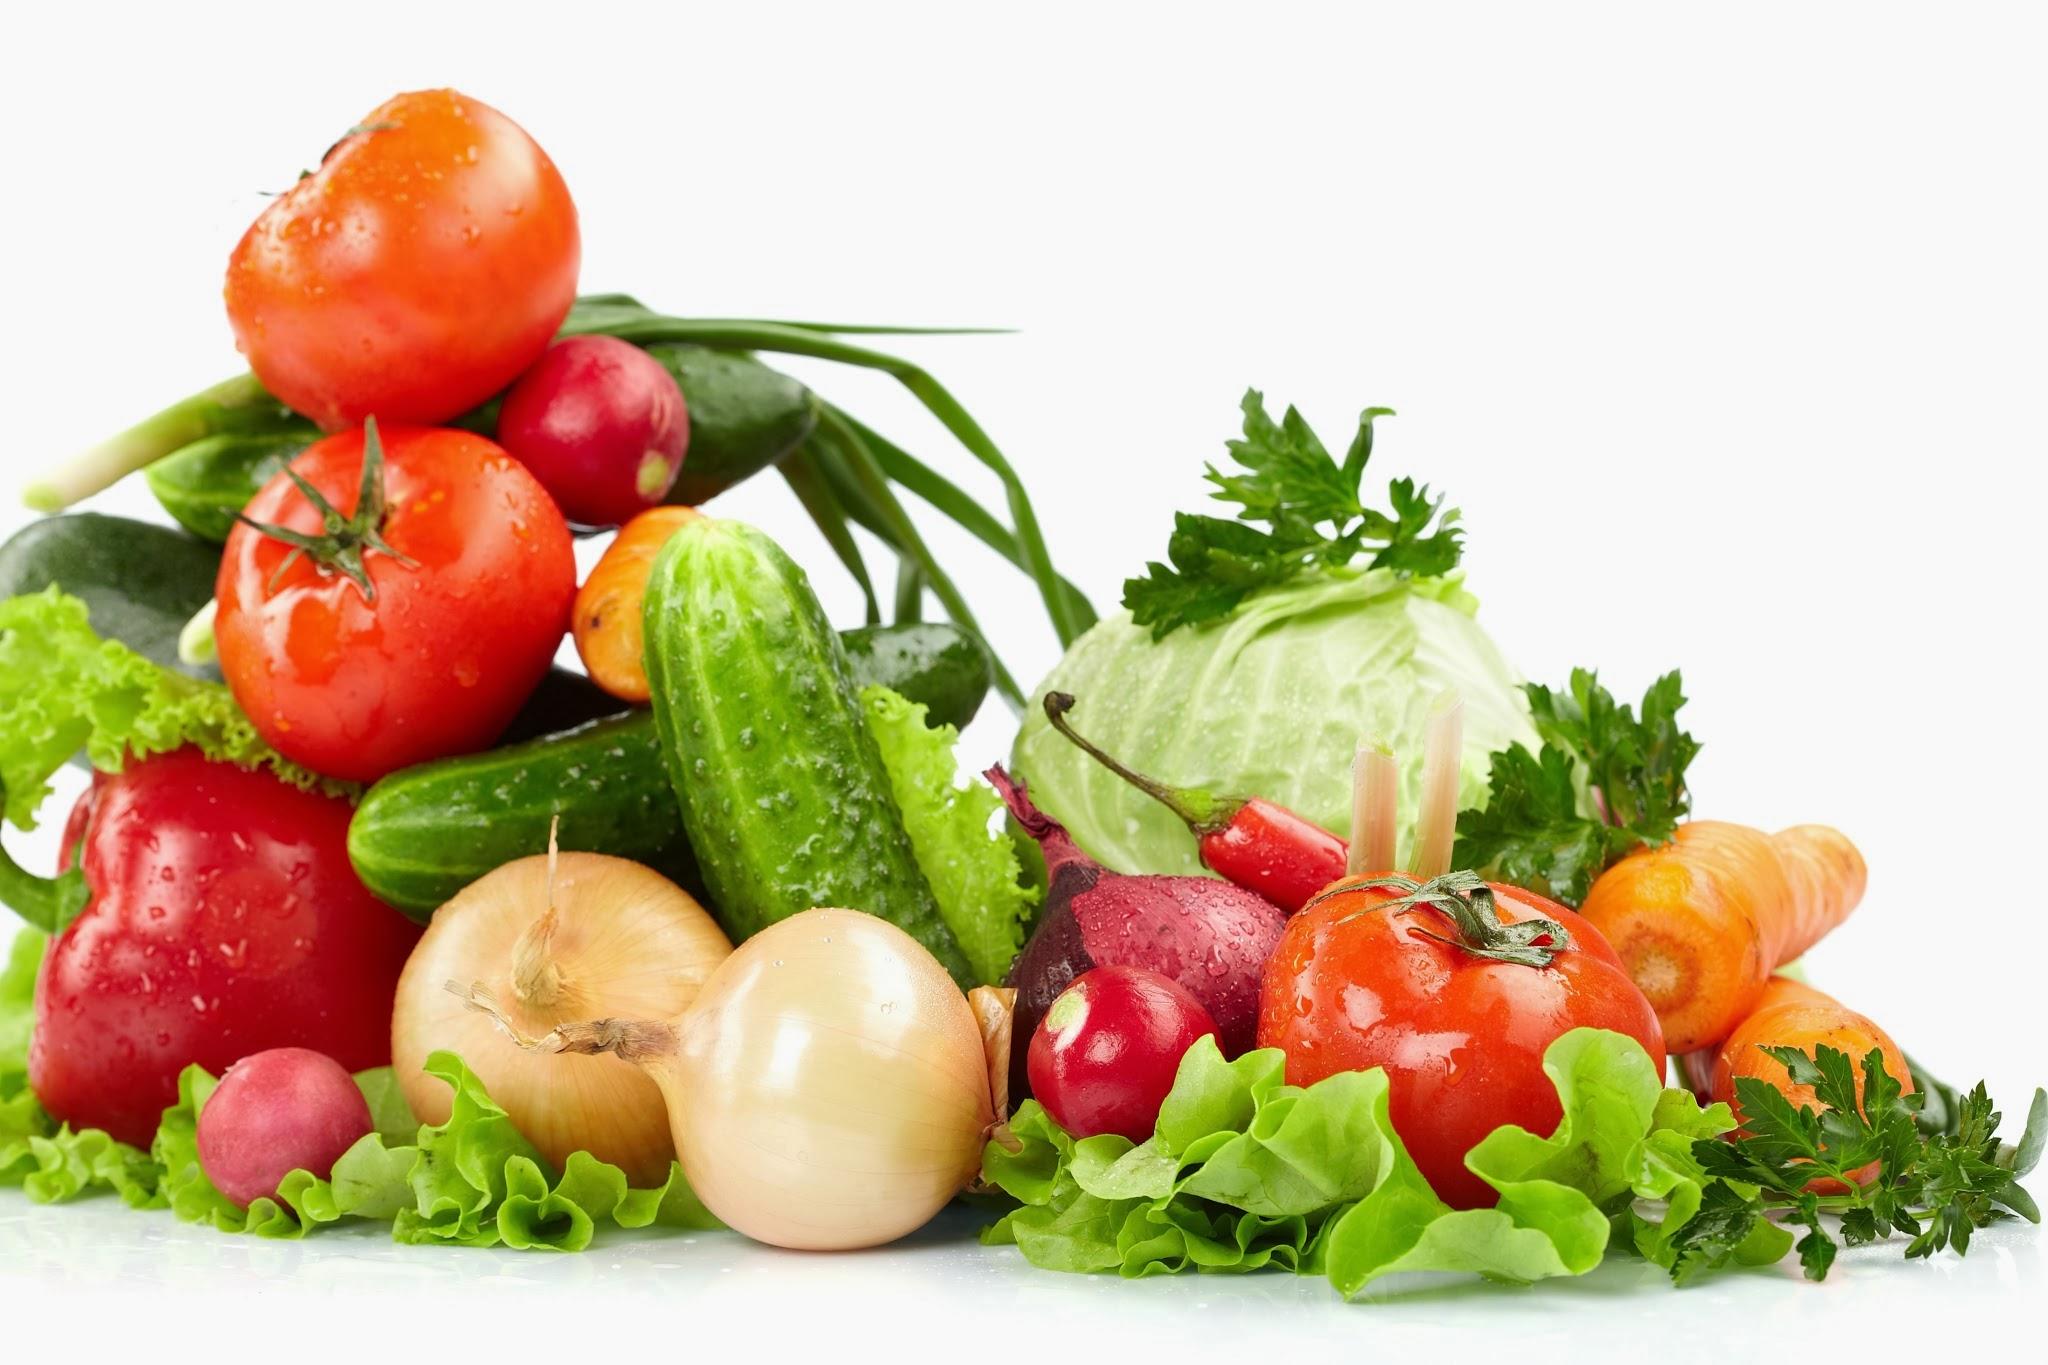 Tổng hợp 10 loại thực phẩm tốt và an toàn cho những người bị bệnh gan